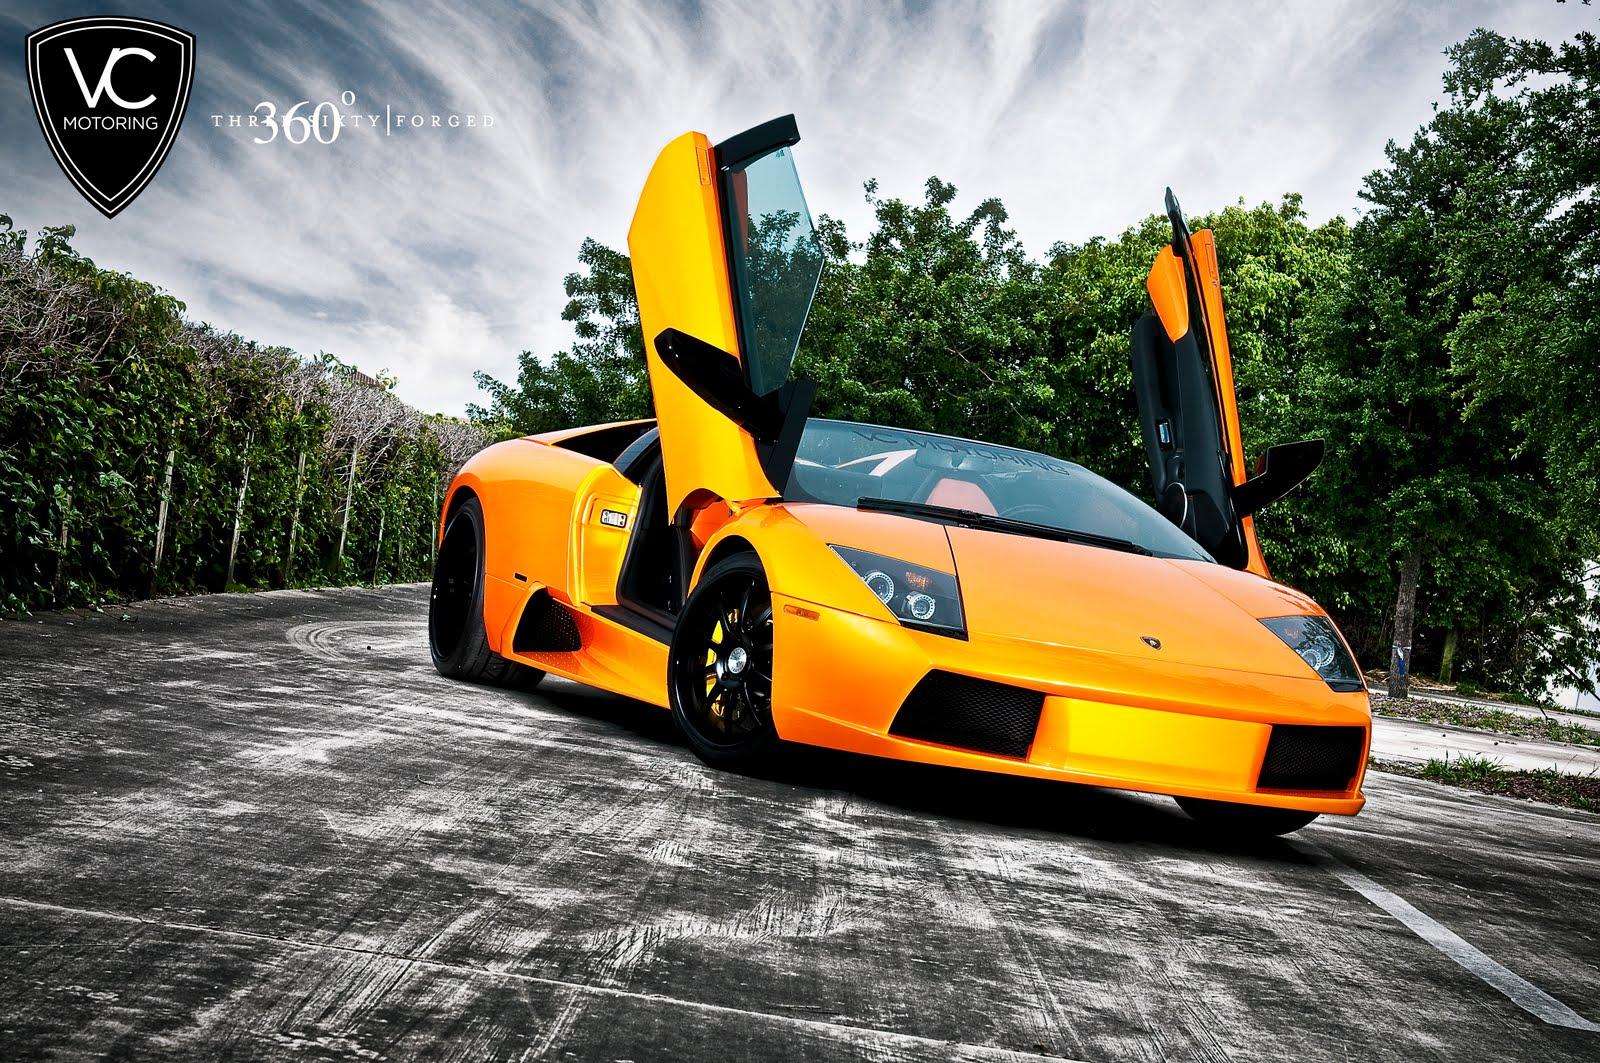 Lamborghini Murcielago Lambo